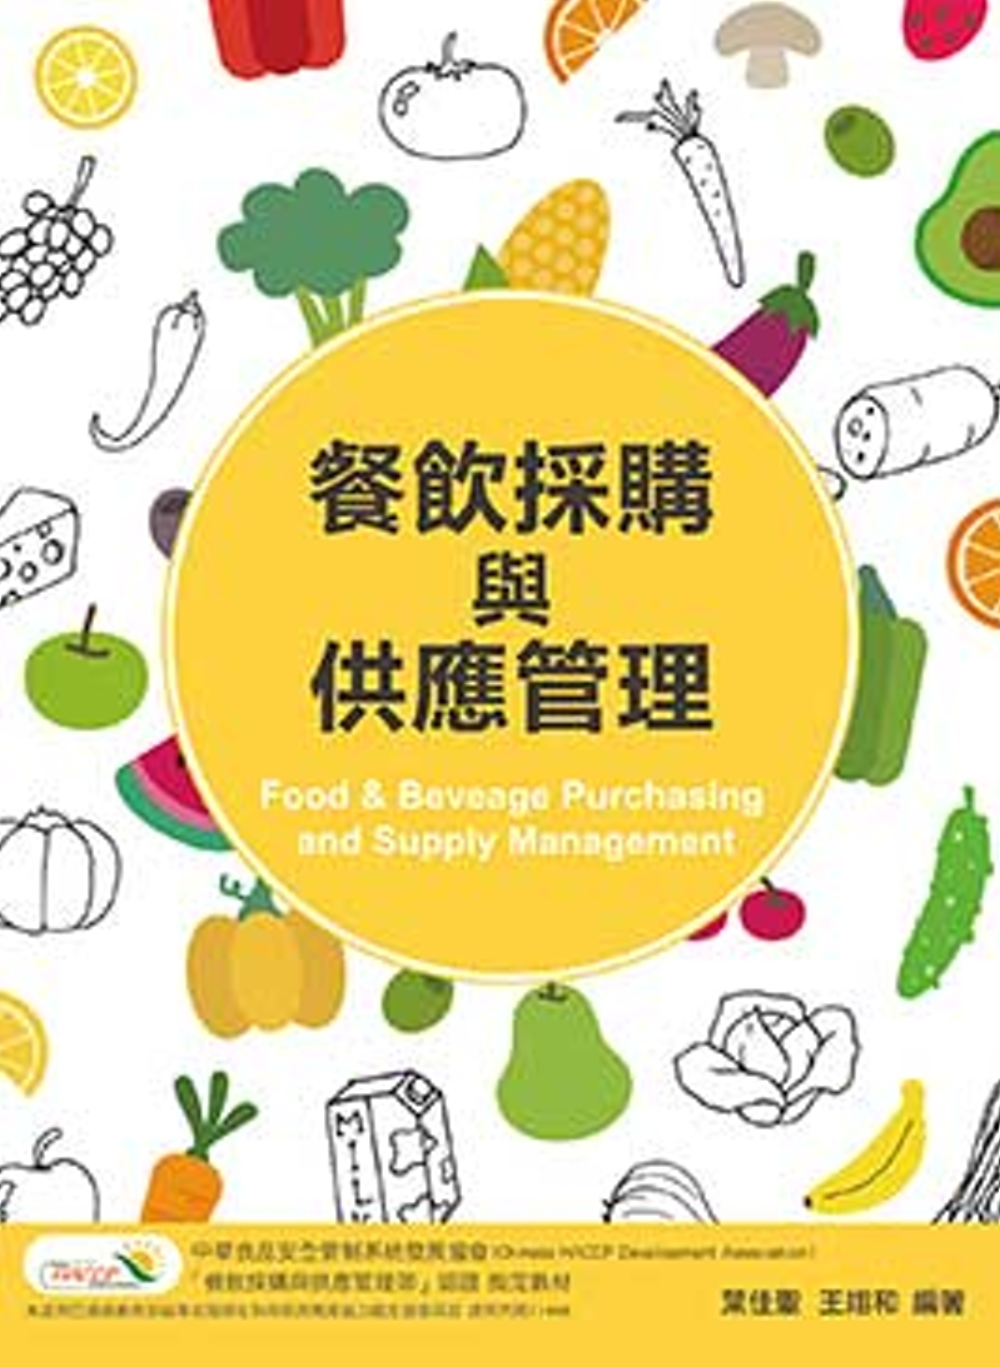 餐飲採購與供應管理(二版)